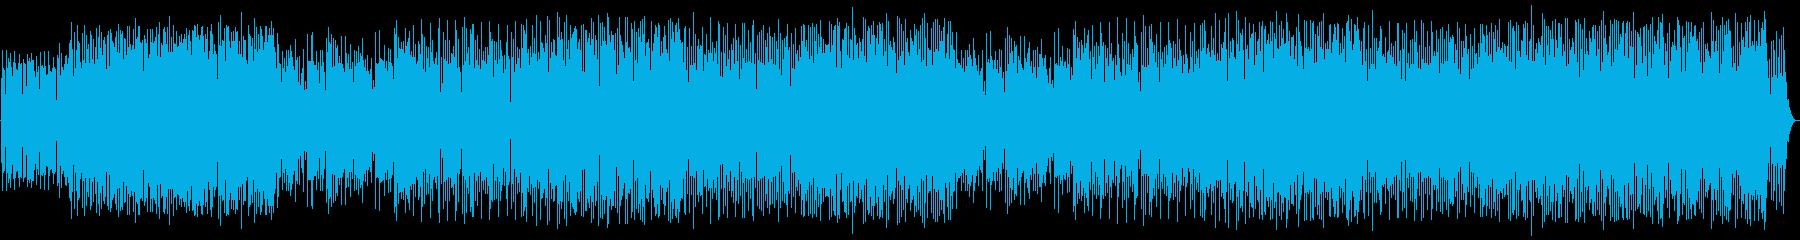 モダンなシンセサイザーパーツを駆使...の再生済みの波形